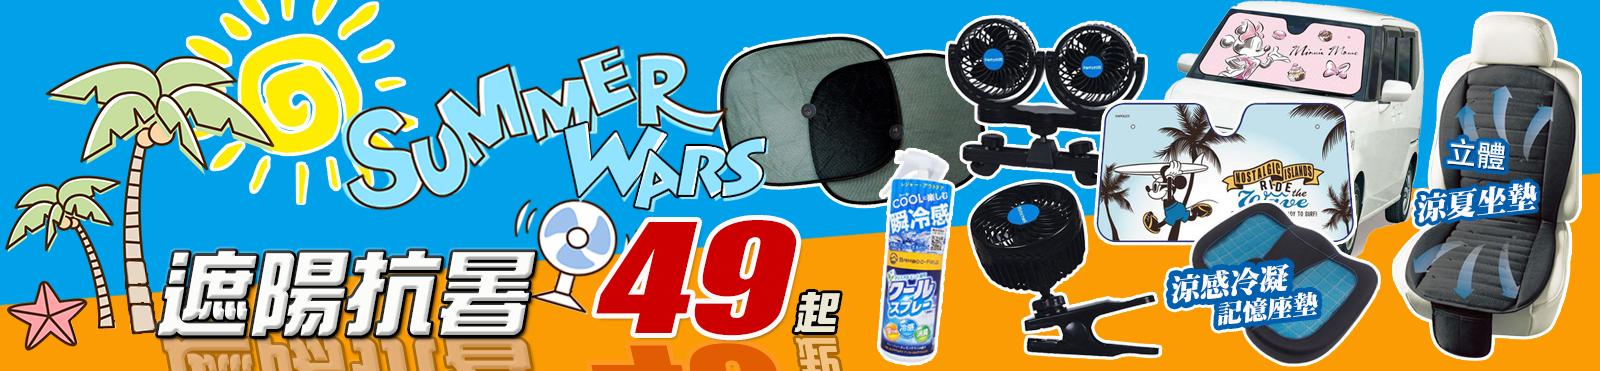 遮陽抗暑summer wars